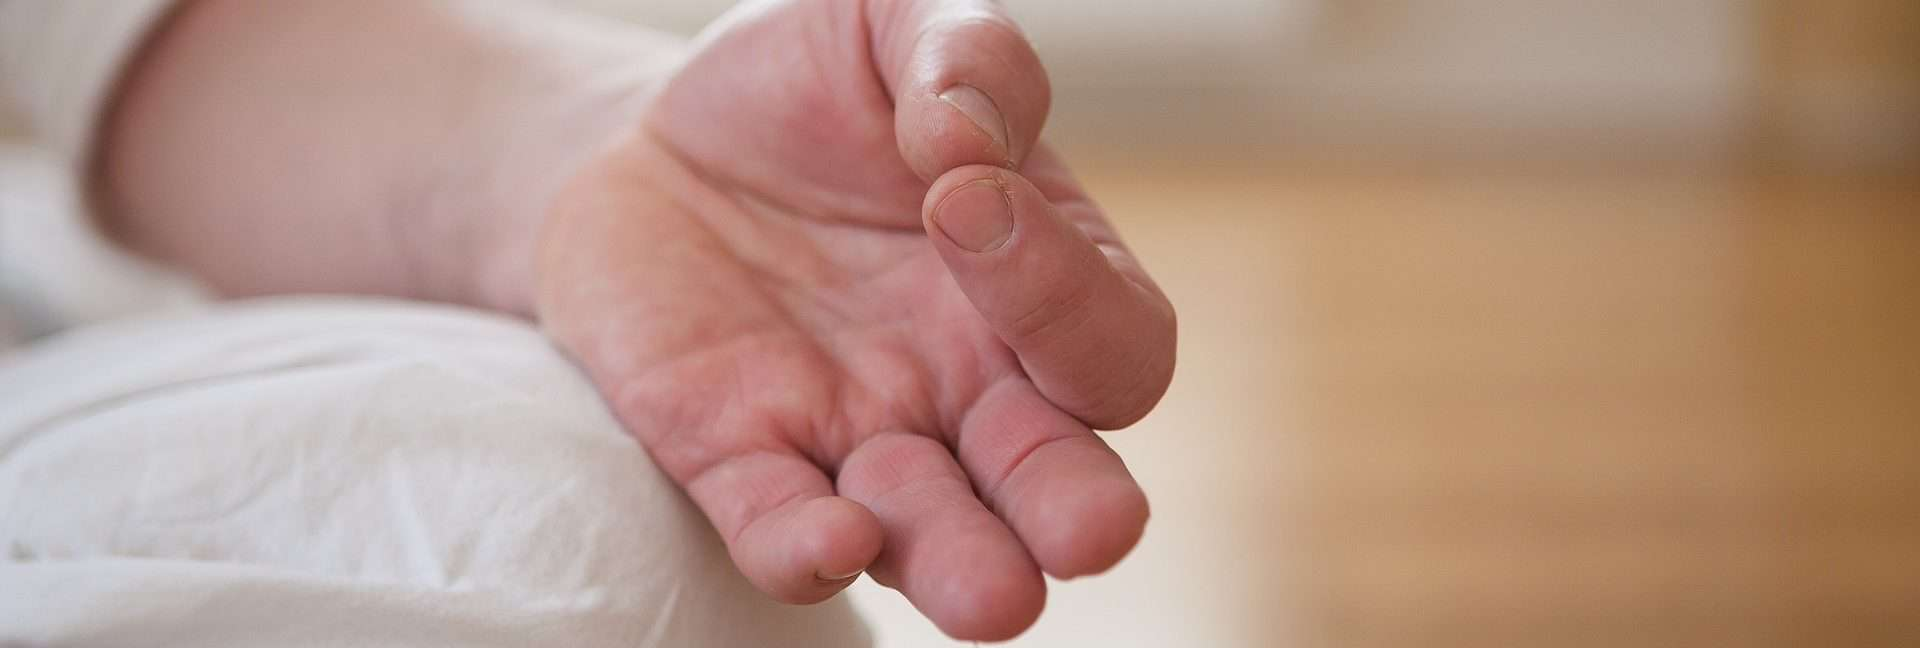 hand mudra